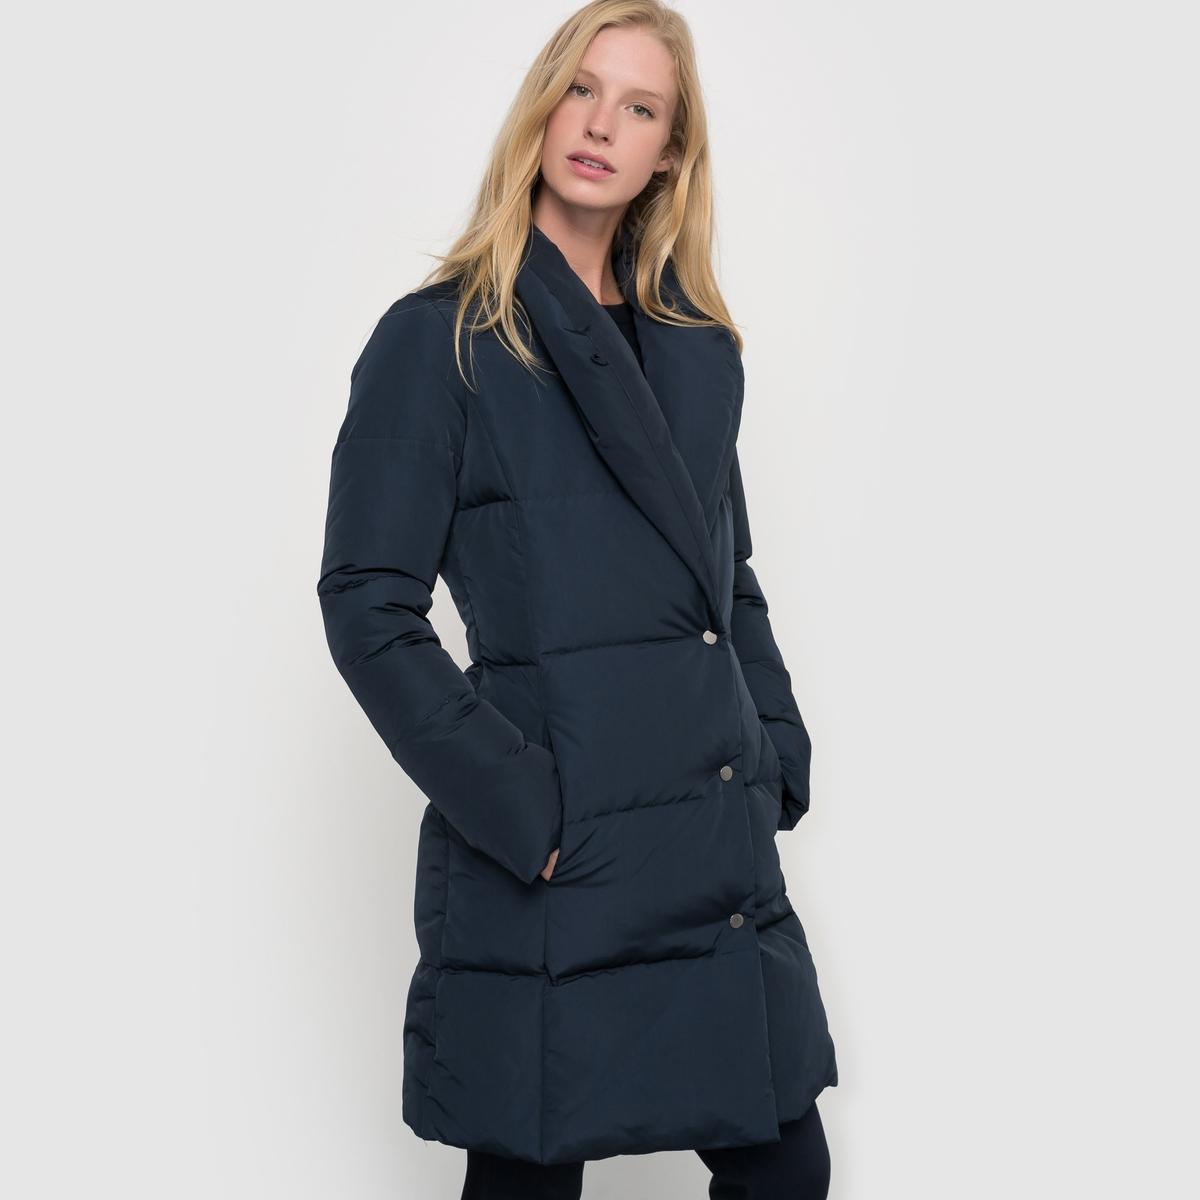 Куртка стеганая длинная с шалевым воротникомДлинная стеганая куртка. Большой шалевый воротник. Застежка на кнопки. 2 кармана по бокам.Состав и описание : Материал 100% полиэстер, наполнитель 70% пух, 30% пероПодкладка: 100% полиэстер.   Длина:  90 см.Marque               Atelier RУход :Машинная стирка при 30° с вещами схожих цветов или сухая чистка.Стирать, предварительно вывернув изделие наизнанку..Не гладить.<br><br>Цвет: темно-синий<br>Размер: 36 (FR) - 42 (RUS)